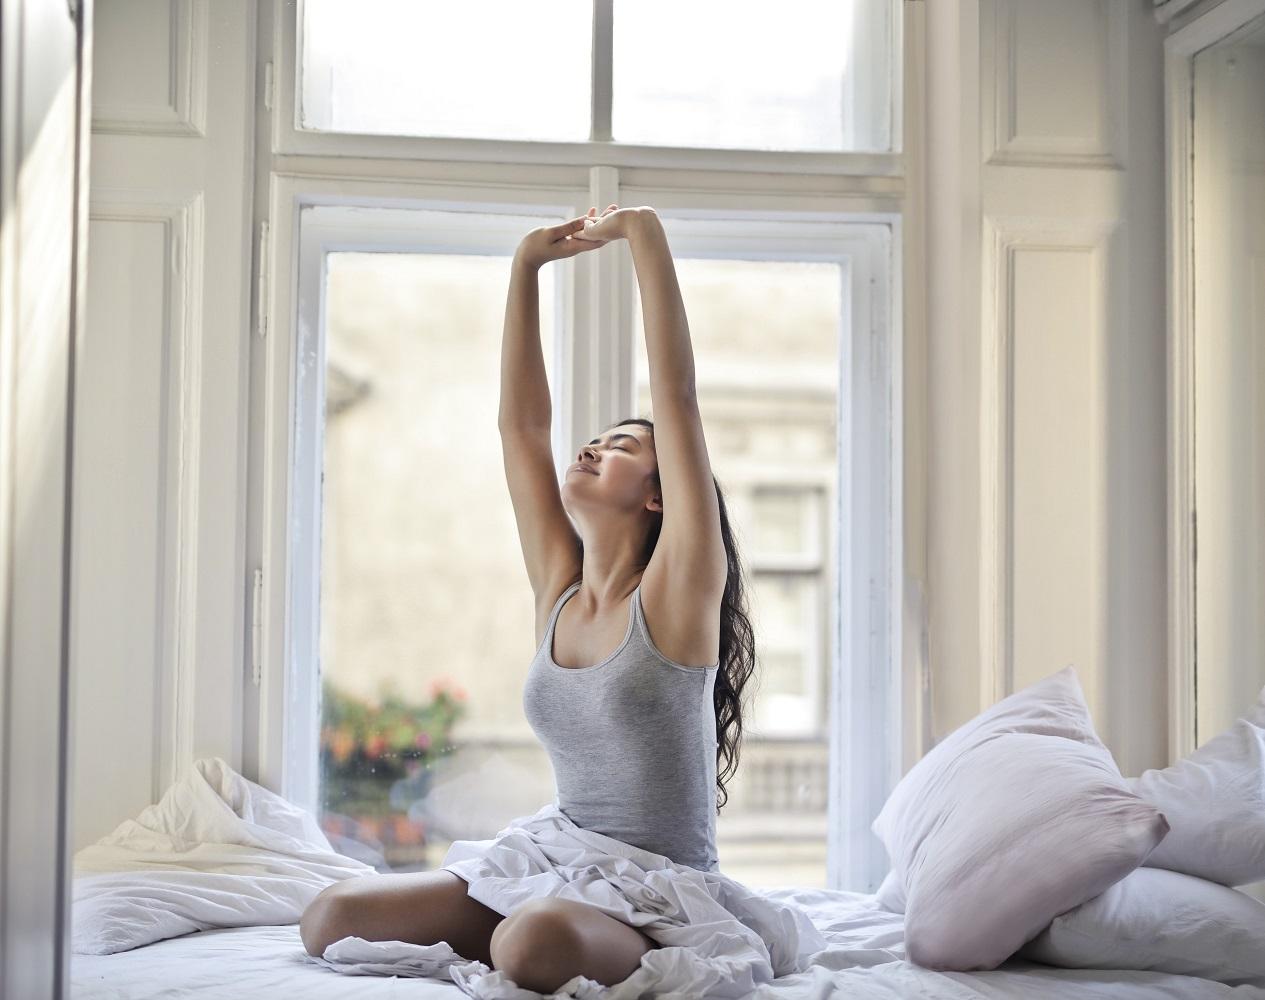 睡眠健康アドバイザーが教える ぐっすり眠れる「生活習慣のコツ」